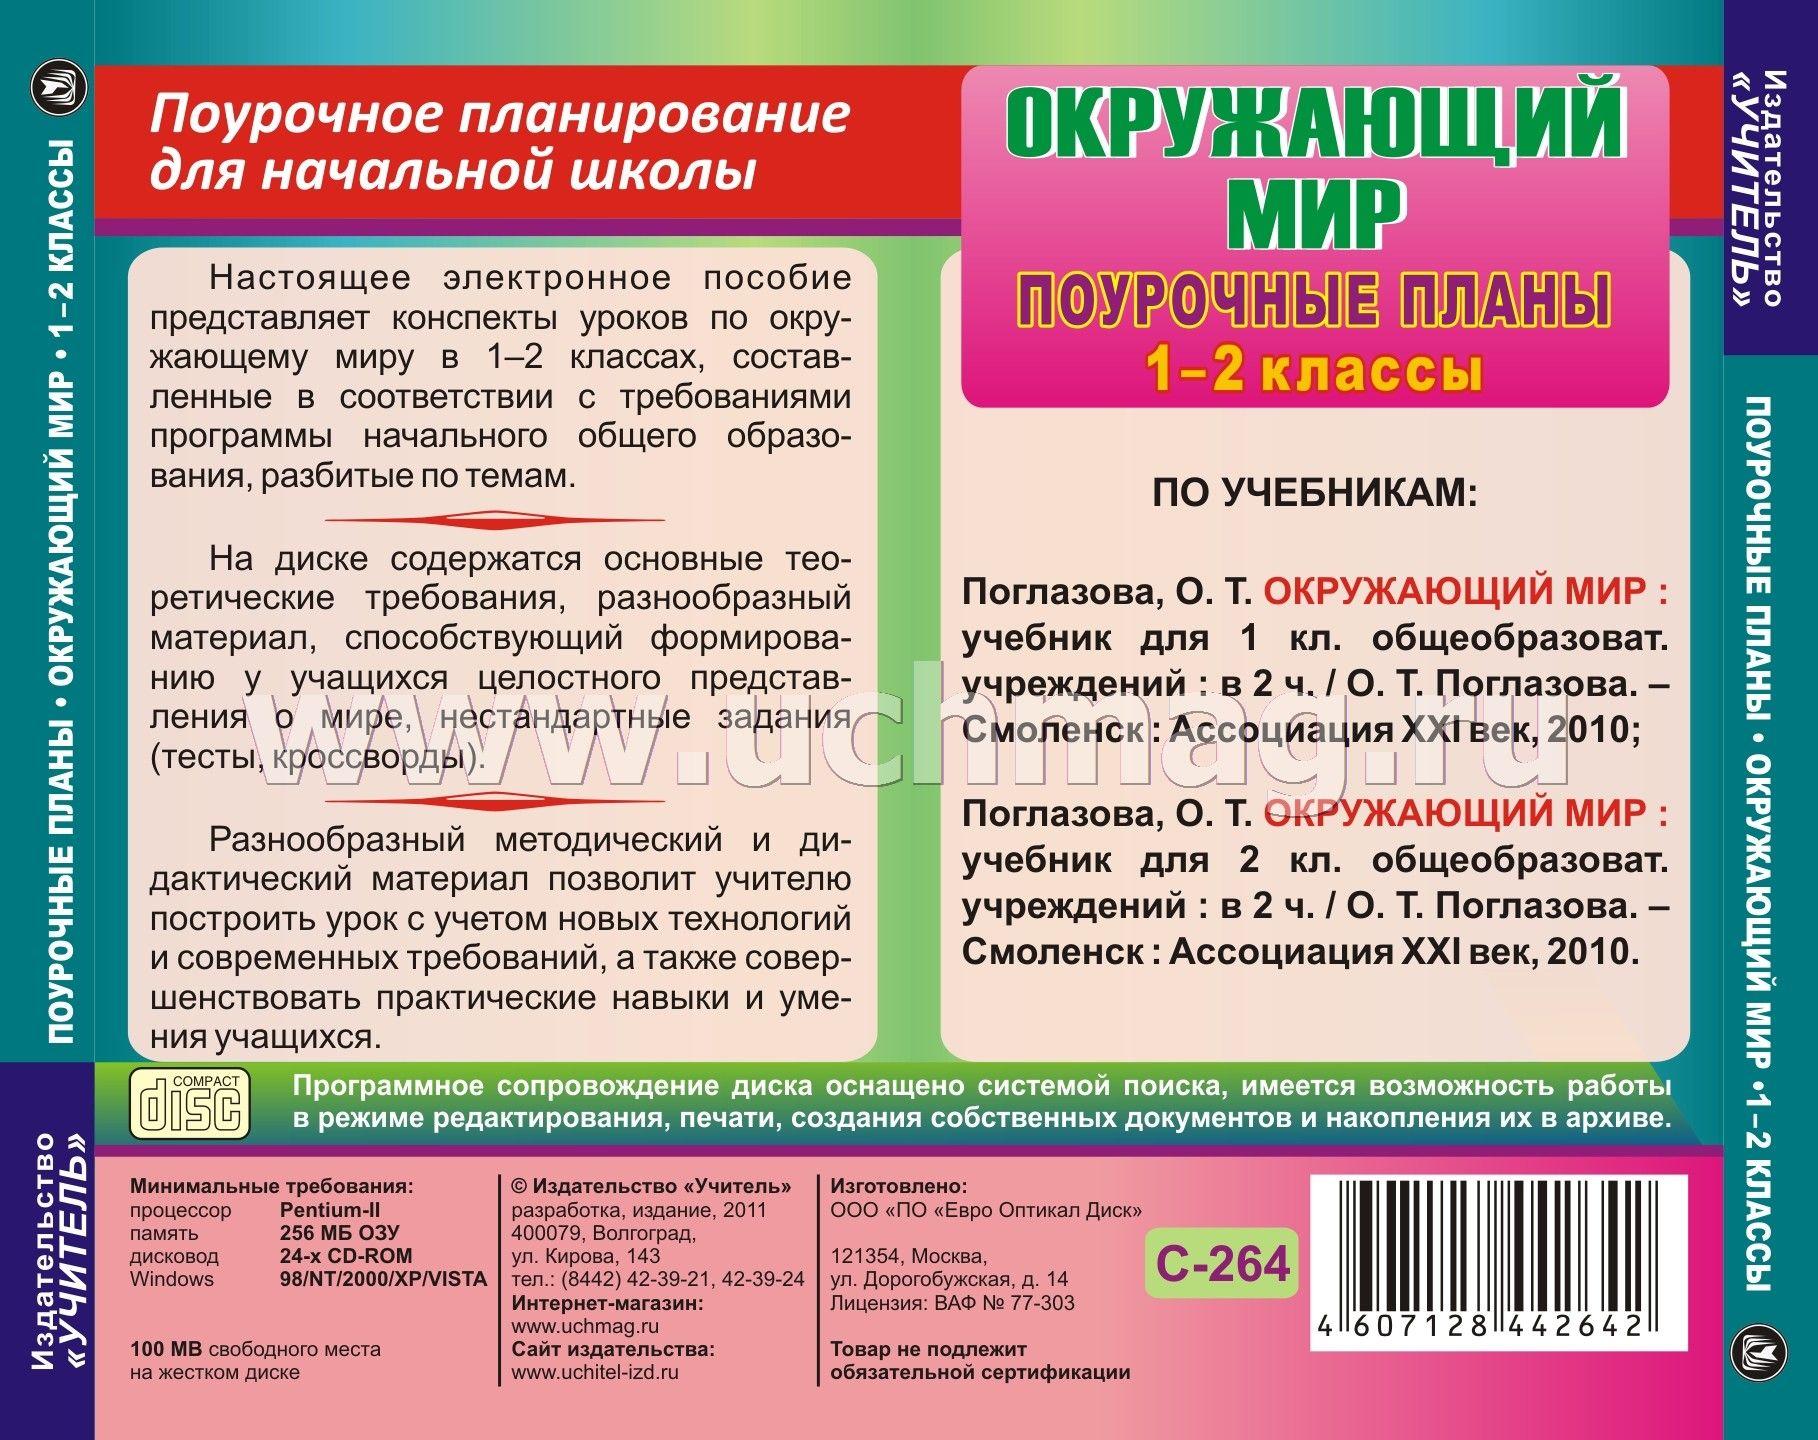 ПОУРОЧНЫЕ ПЛАНЫ 4 КЛАСС ГАРМОНИЯ ФГОС СКАЧАТЬ БЕСПЛАТНО